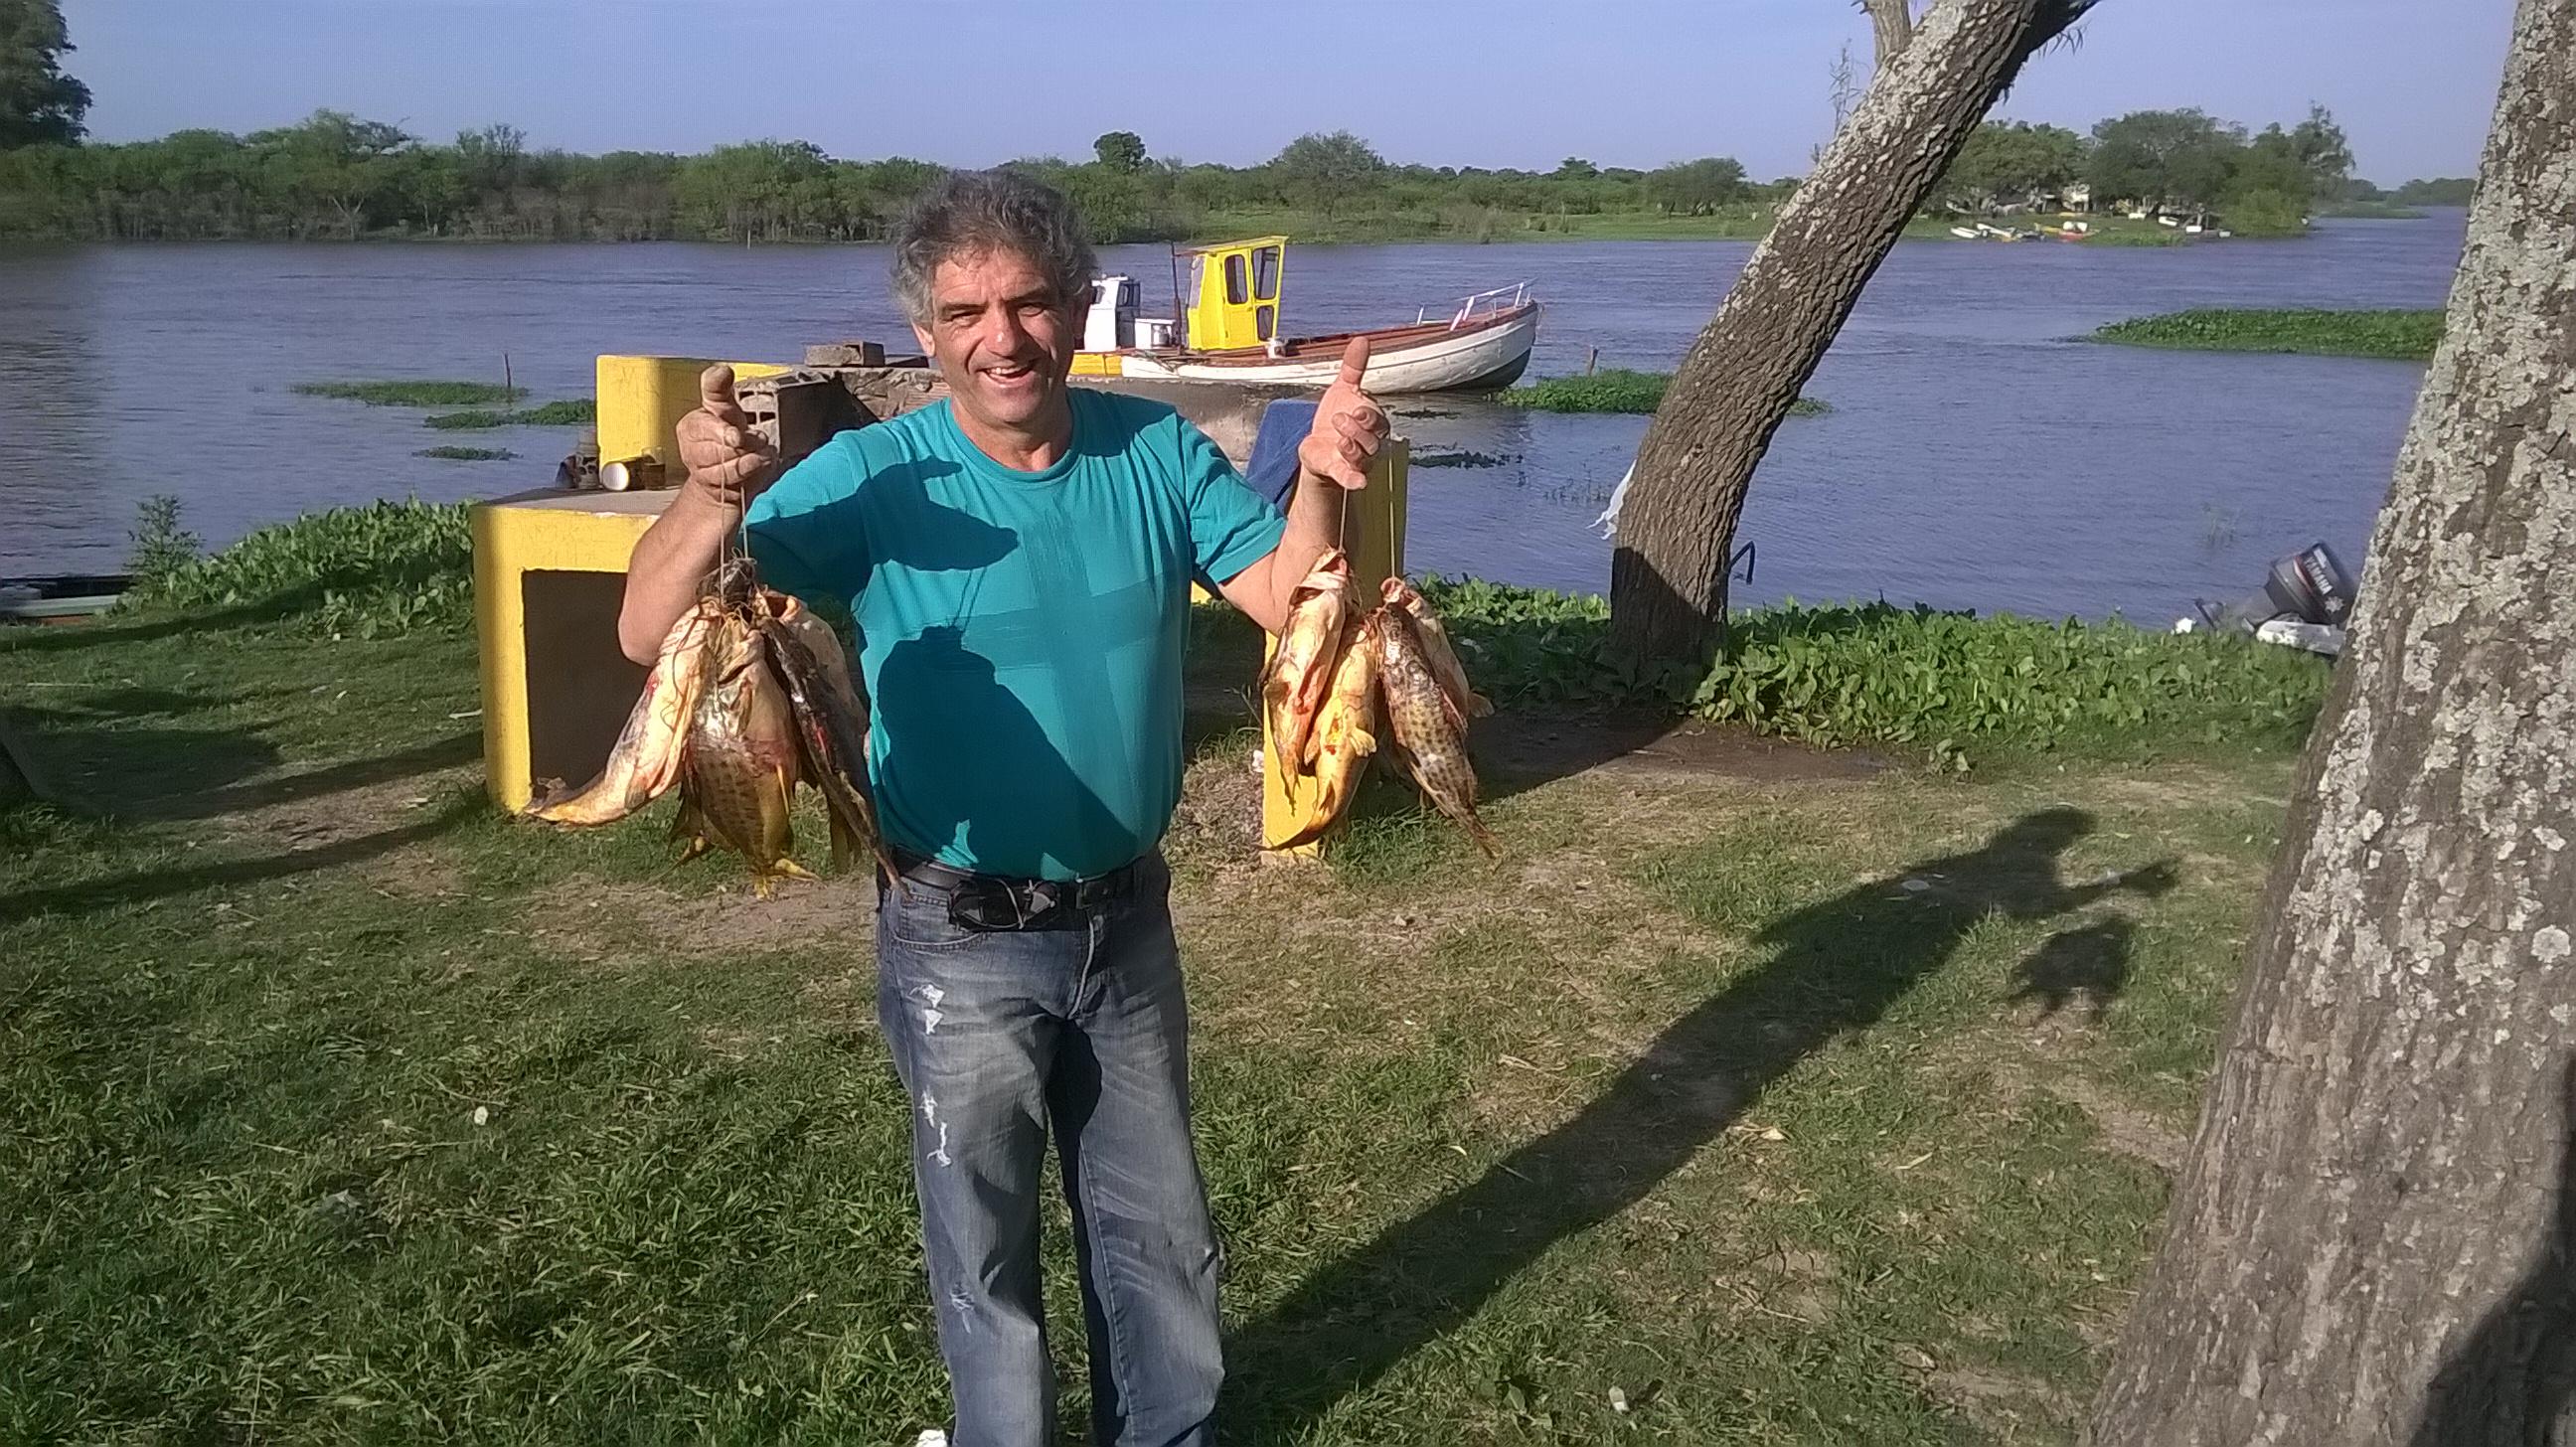 Oscar con pescado ajeno!!!